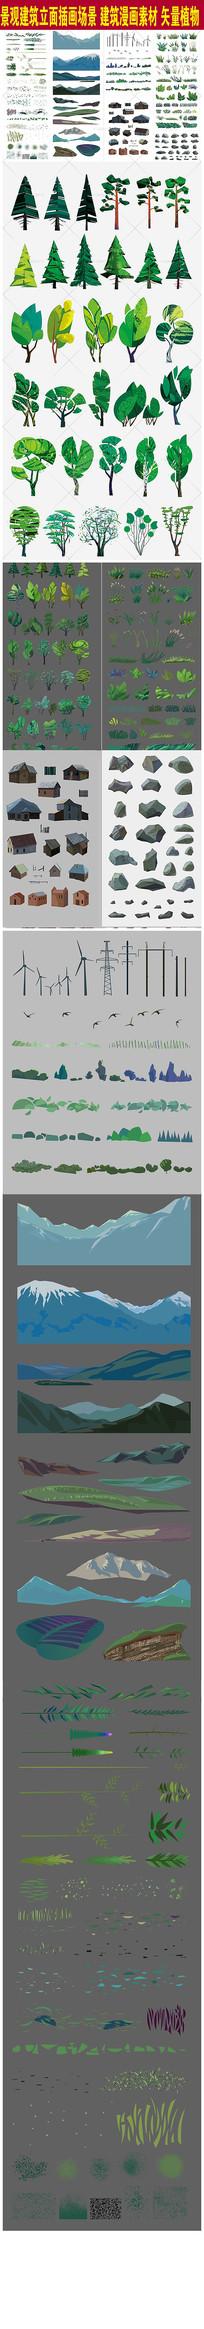 创意景观建筑立面插画场景AI